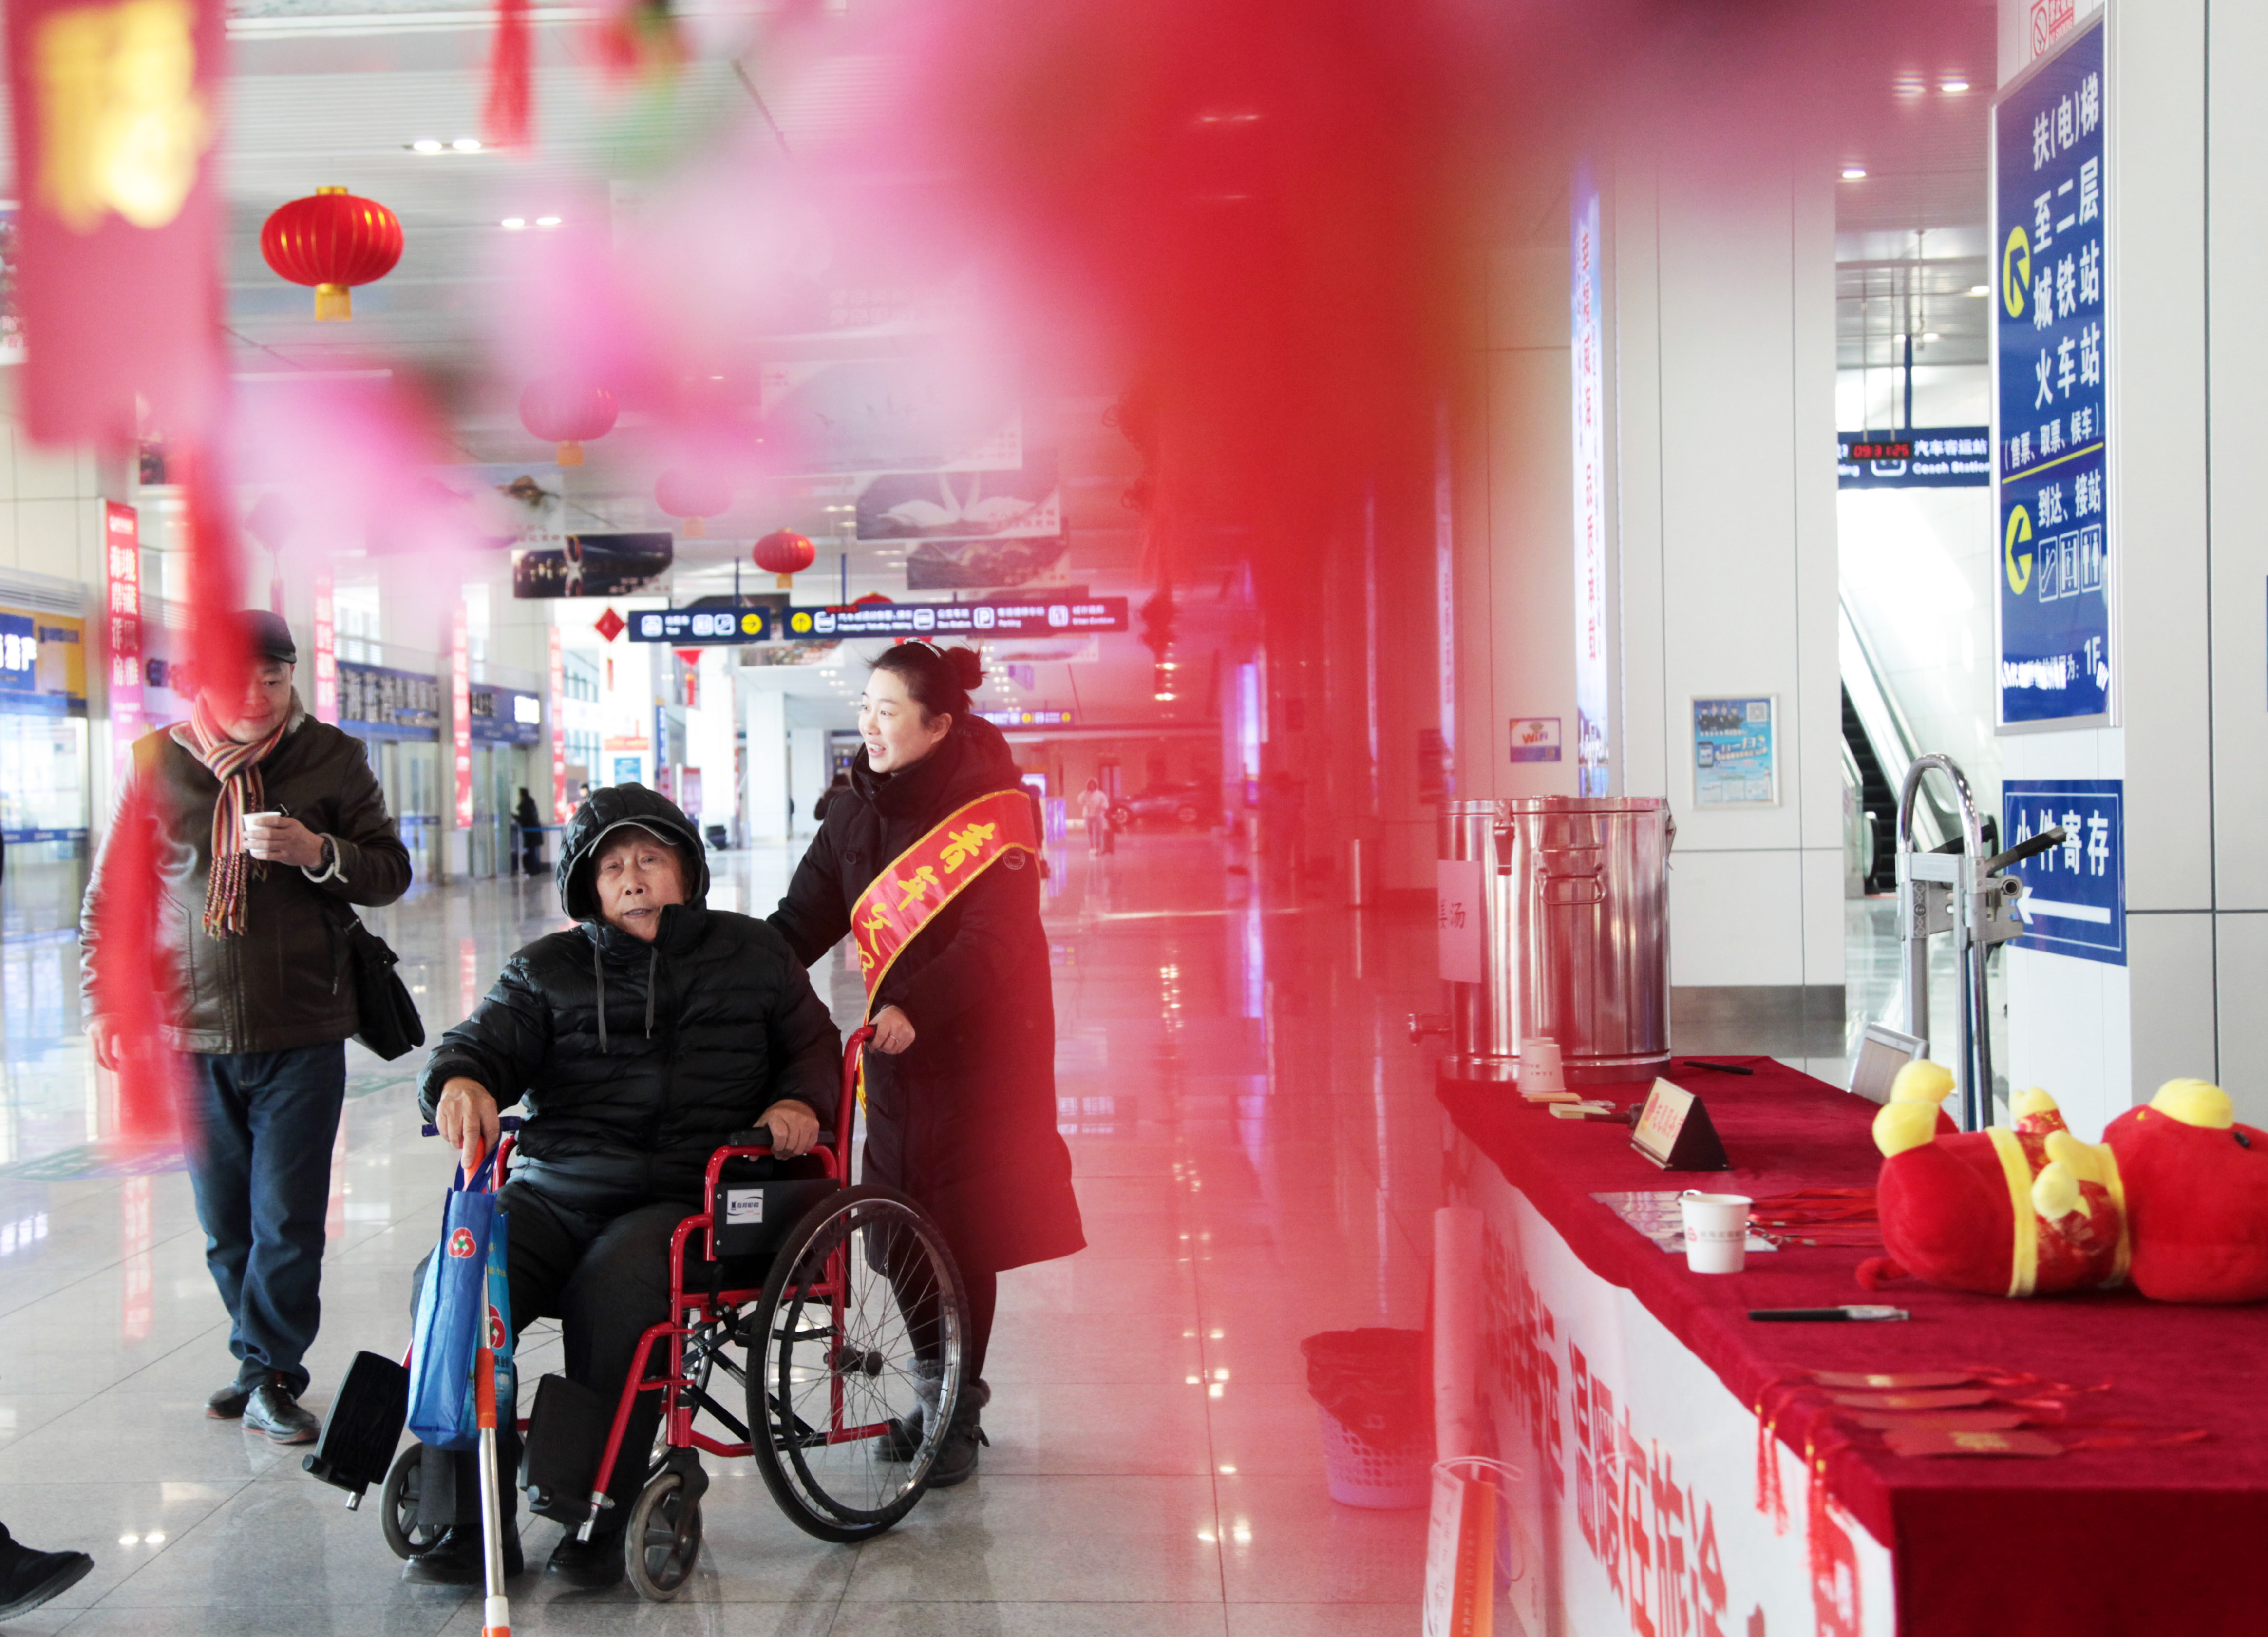 客服人员推轮椅